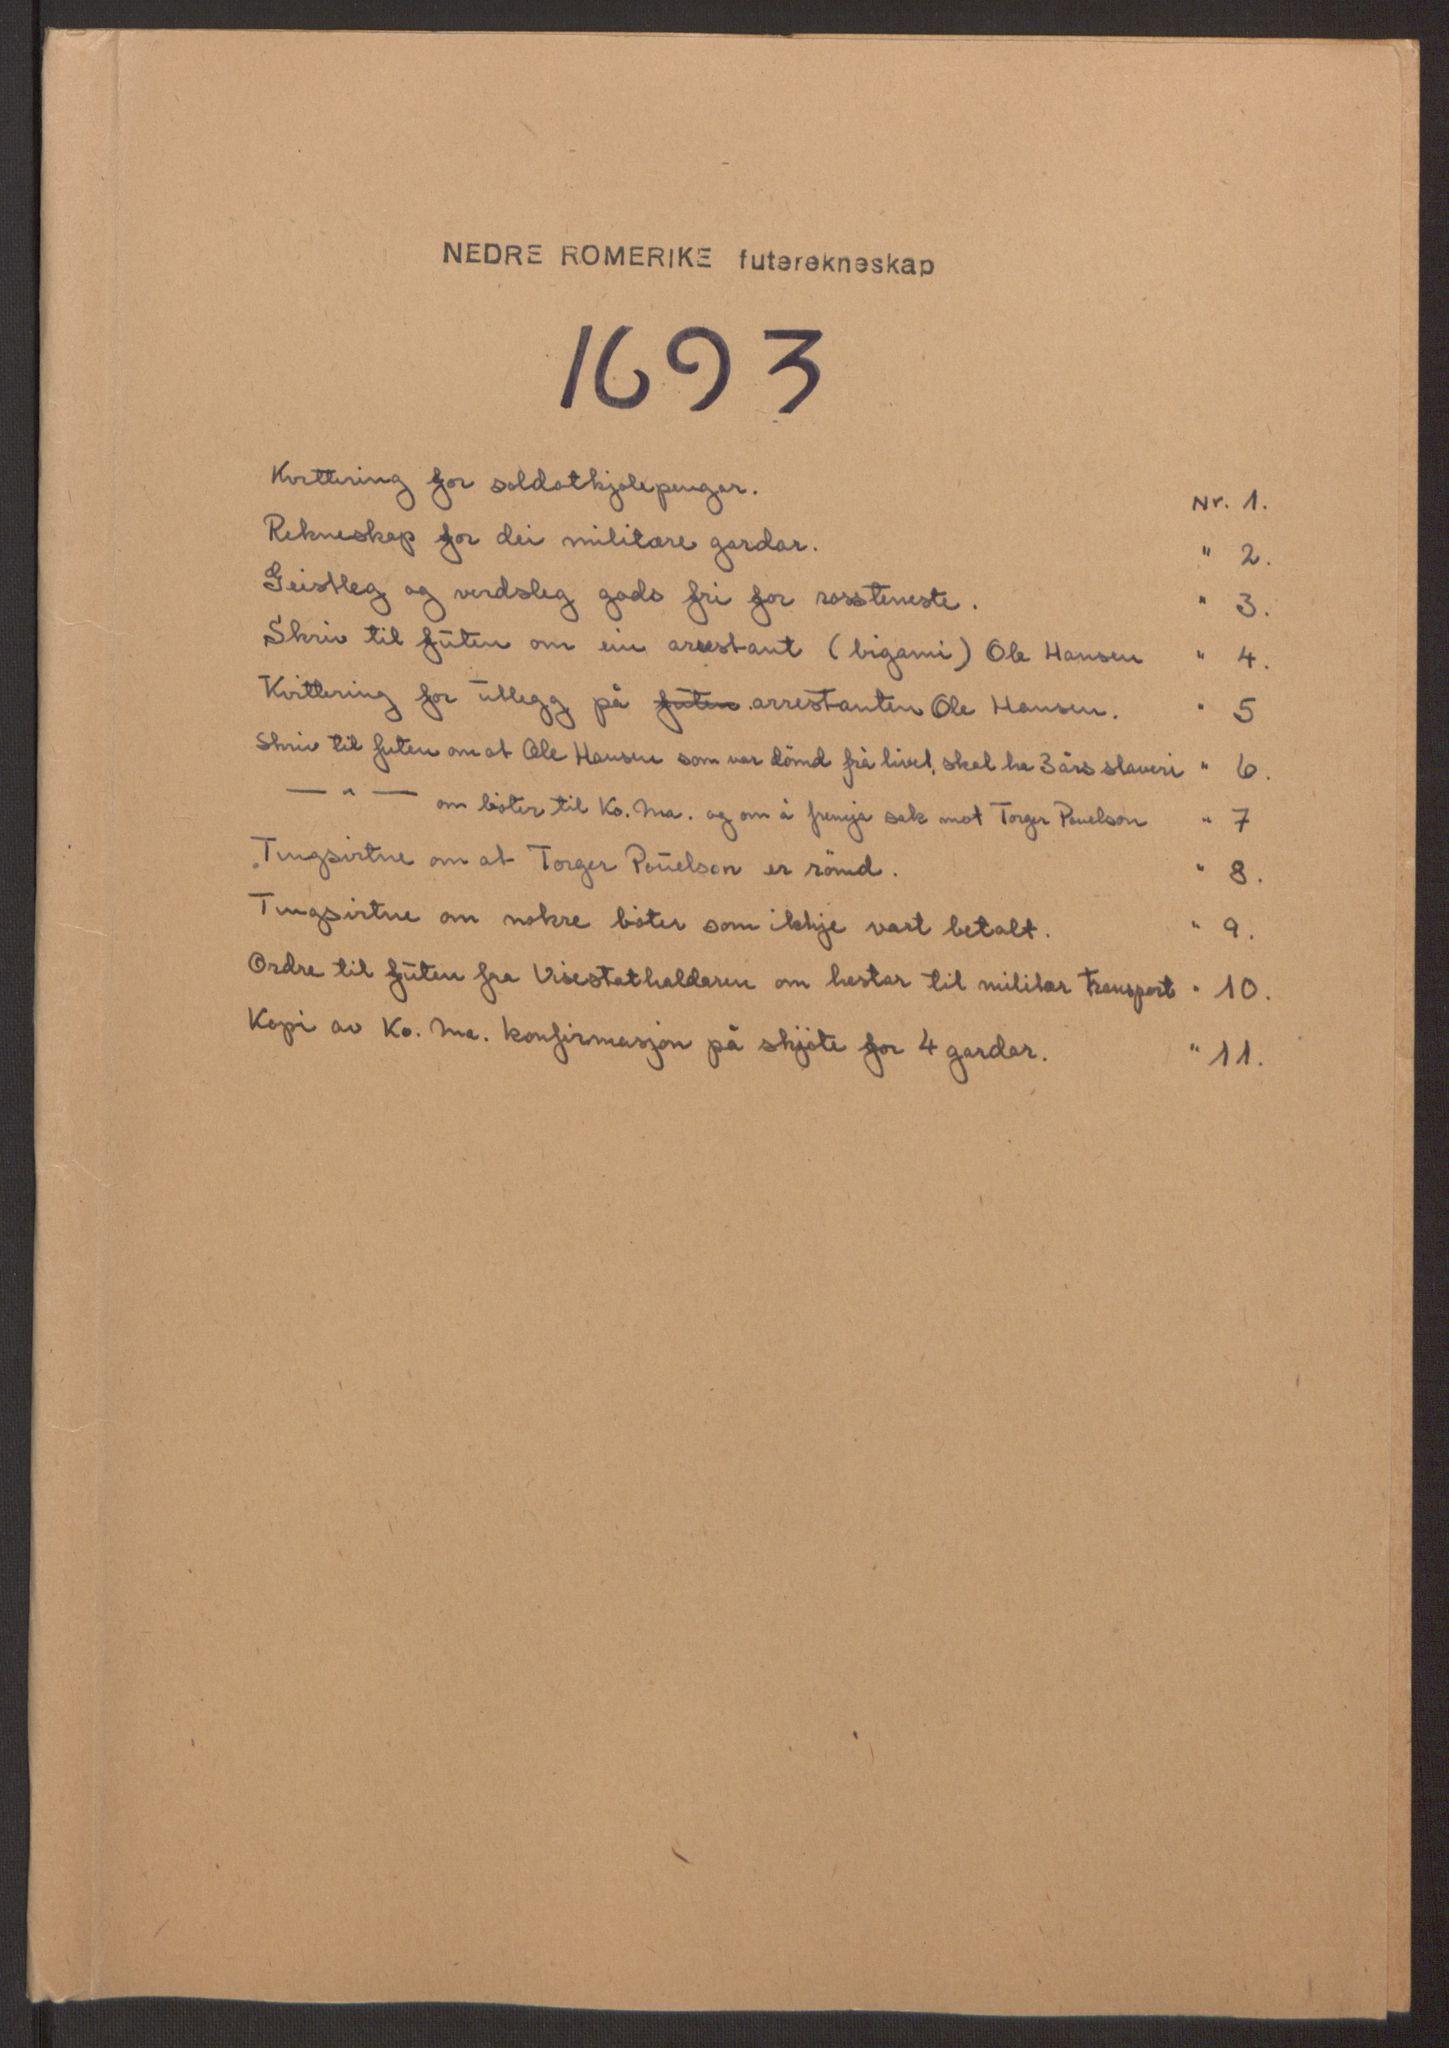 RA, Rentekammeret inntil 1814, Reviderte regnskaper, Fogderegnskap, R11/L0578: Fogderegnskap Nedre Romerike, 1693, s. 205